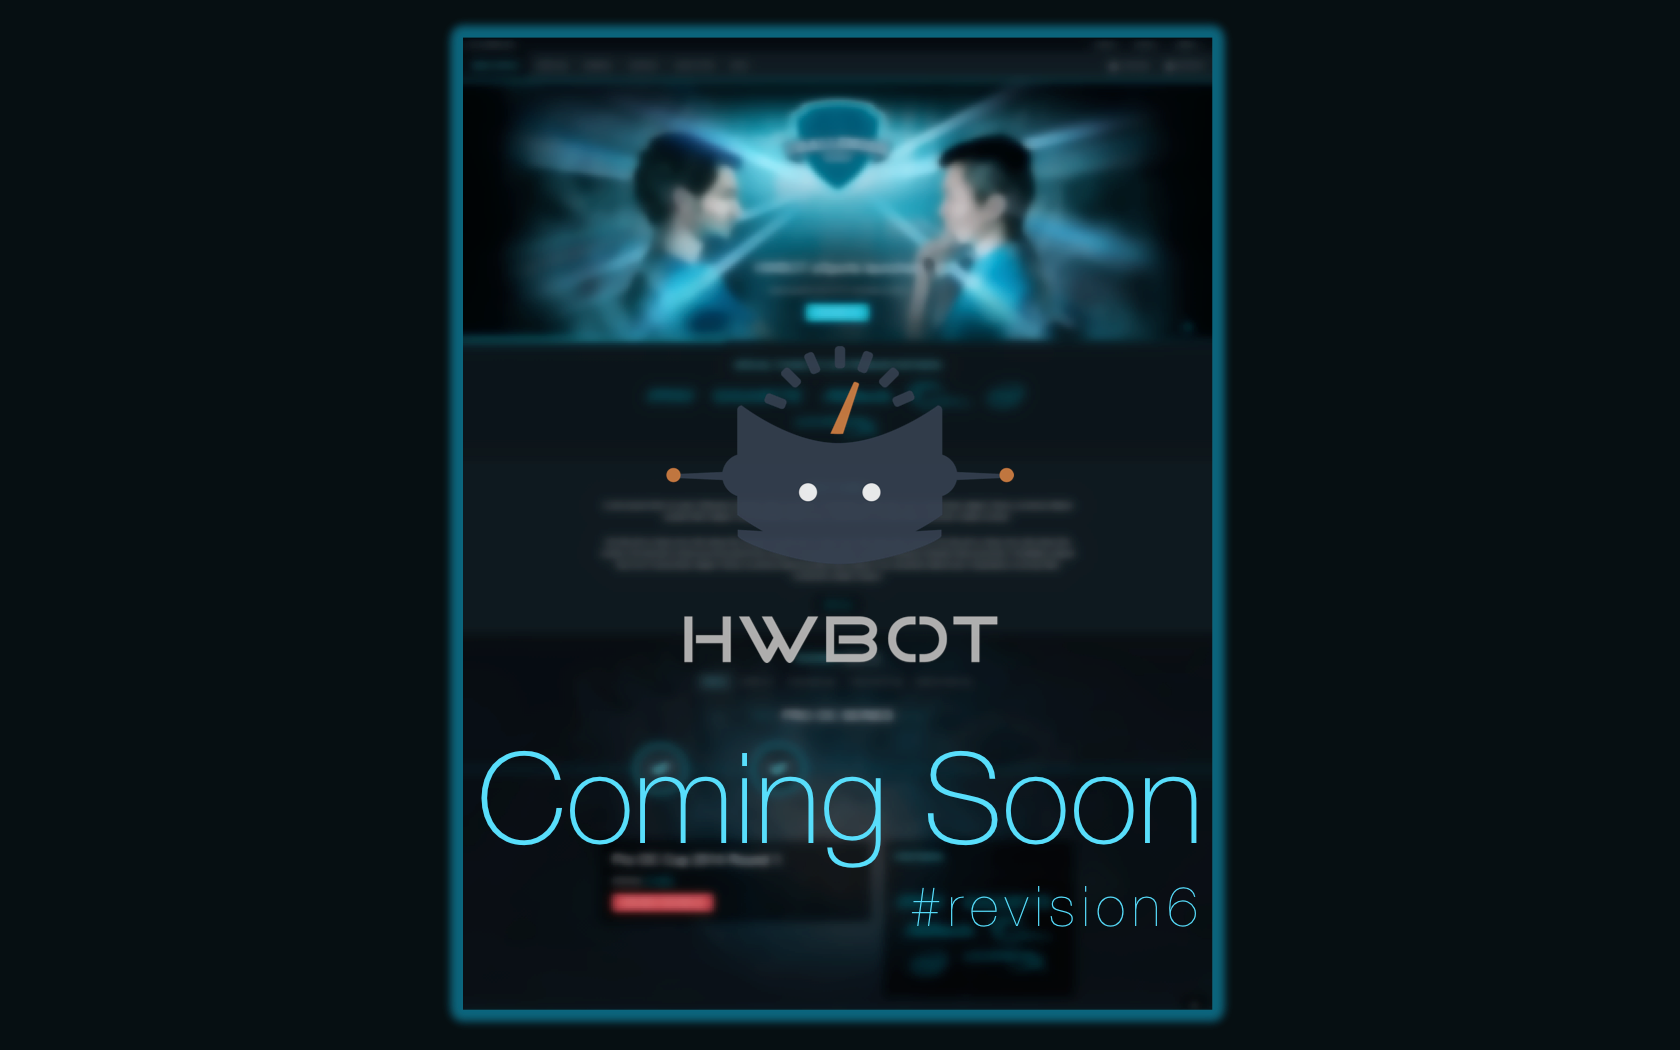 hwbot-rev6-frontpage.png